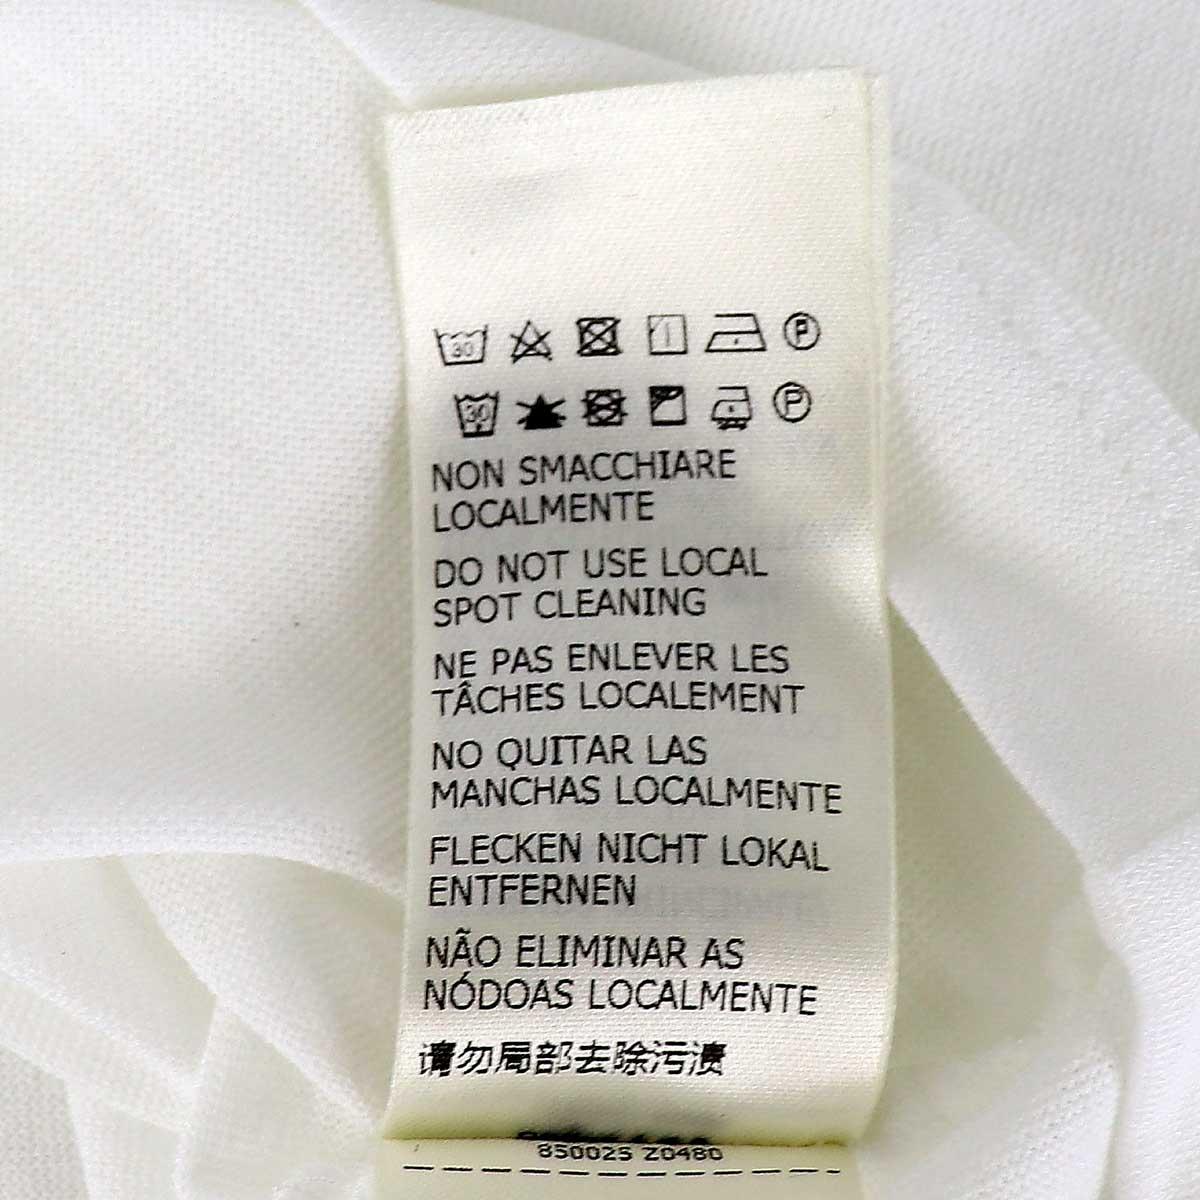 【クリアランスセール】ザノーネ ZANONE レディース アイスコットン クルーネック 半袖Tシャツ GIRO MC 850025 Z0480 Z0001(ホワイト)【返品交換不可】